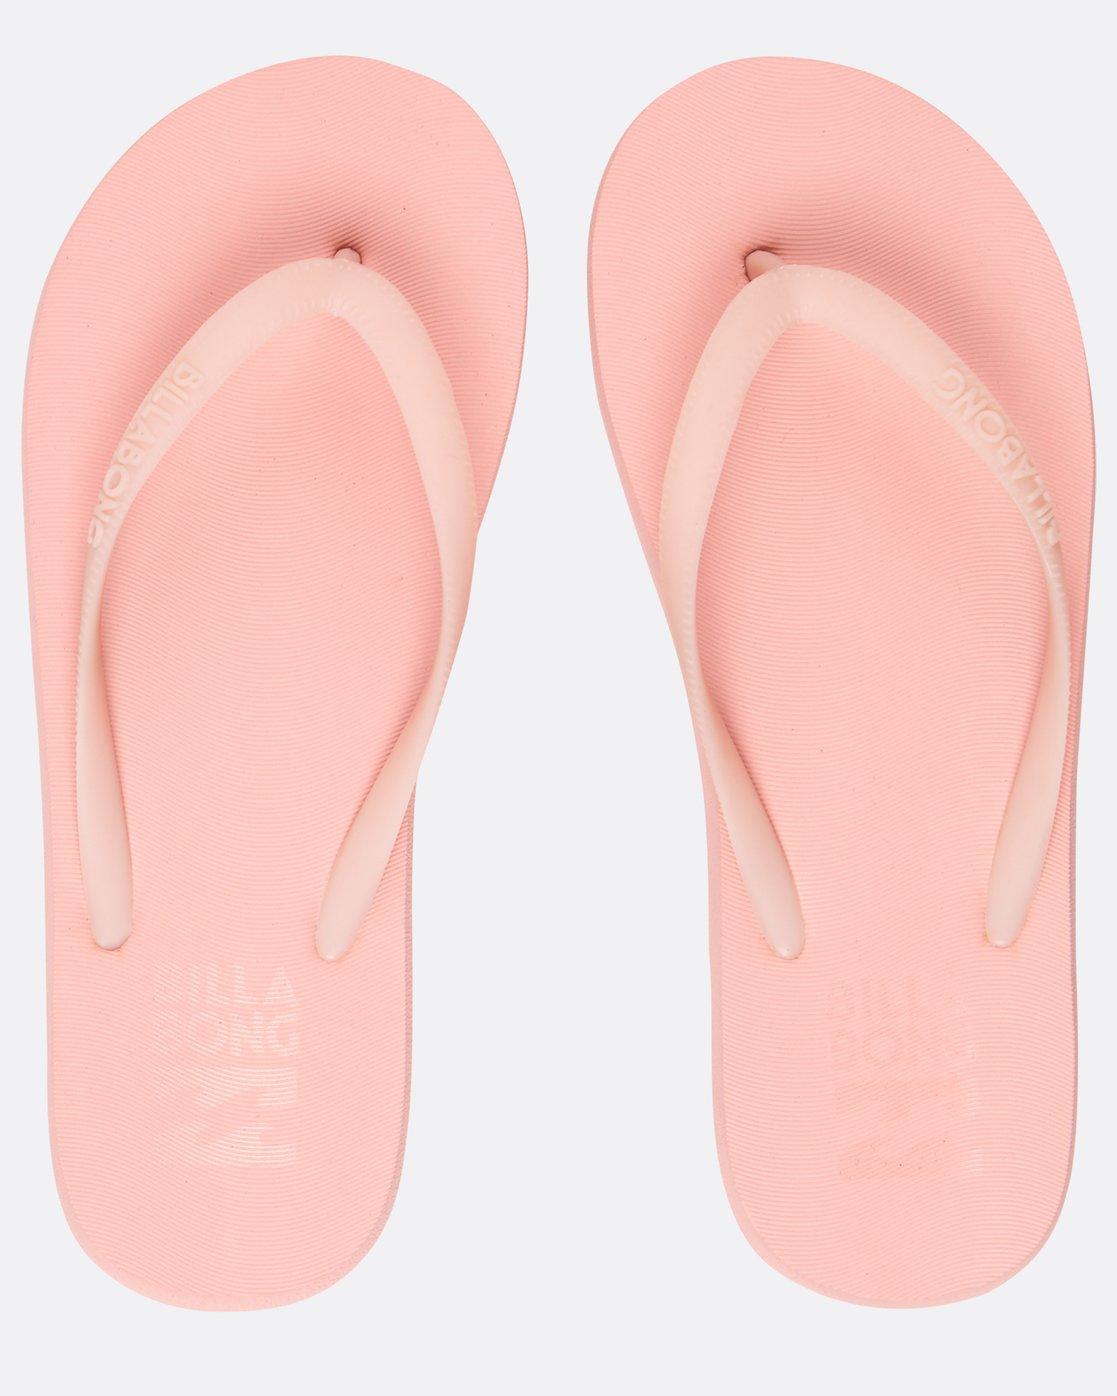 Billabong Sunlight Flip Flops Ladies Flip Flops Peach